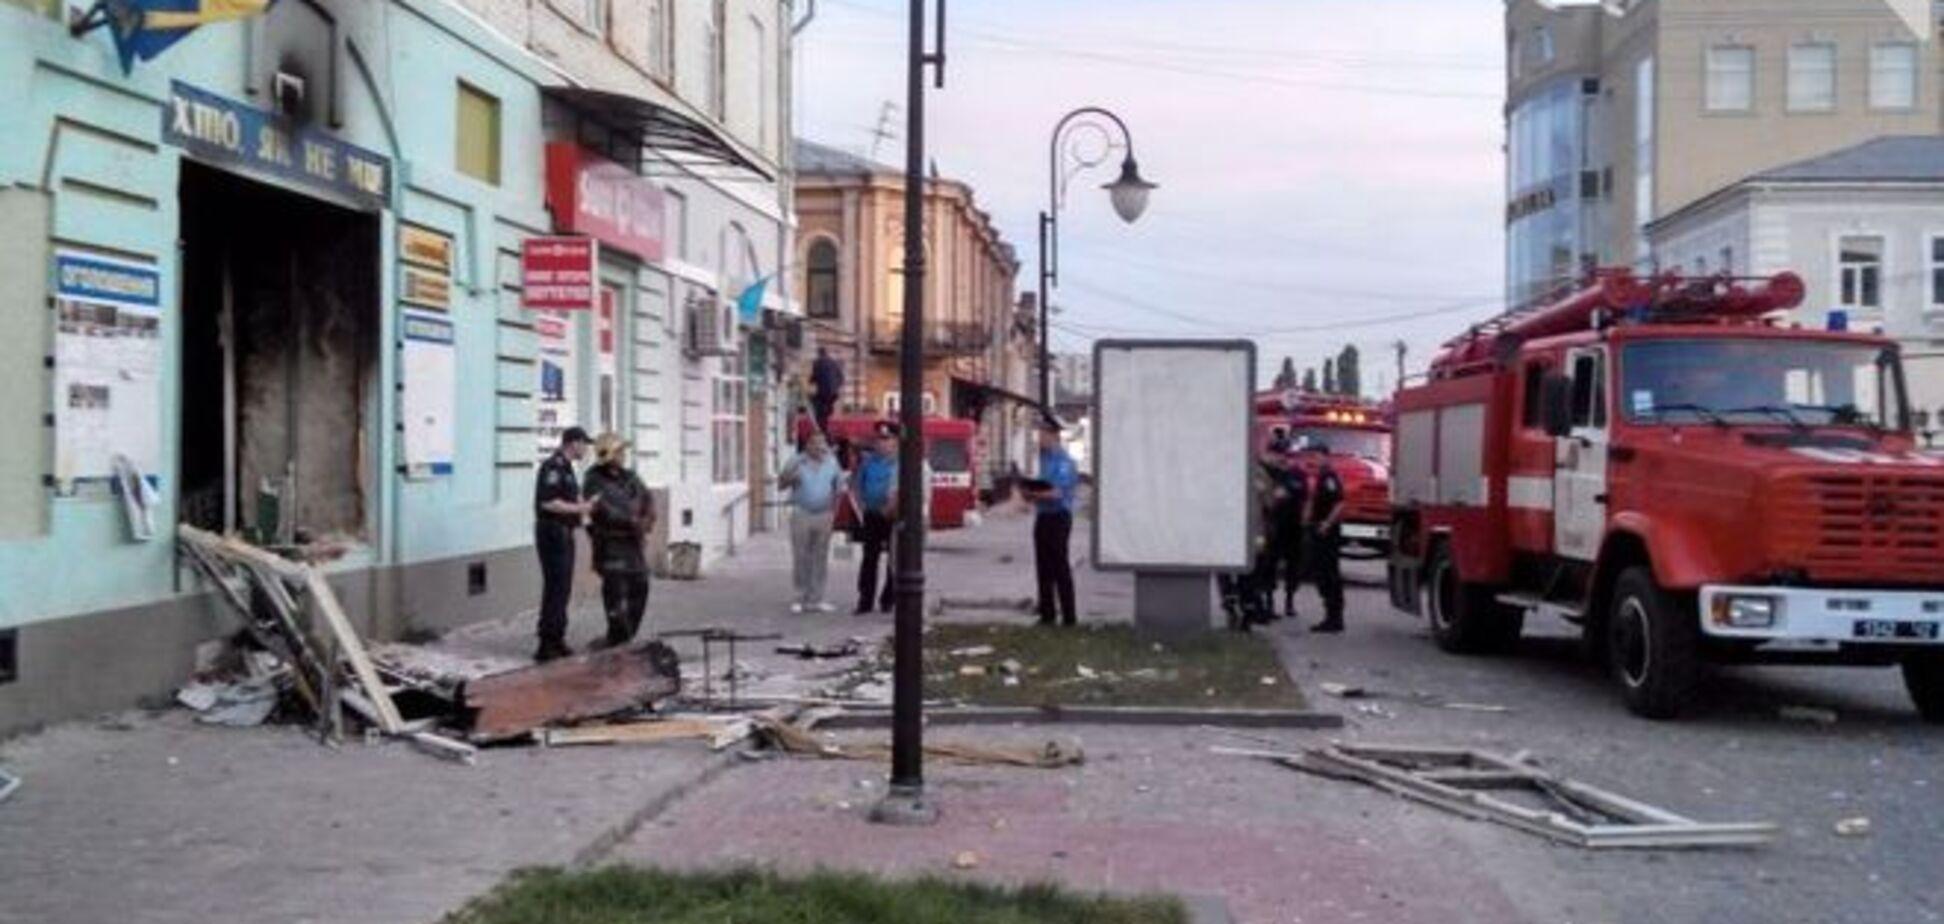 В центре Сум прогремел взрыв. Подробности ЧП: опубликованы фото